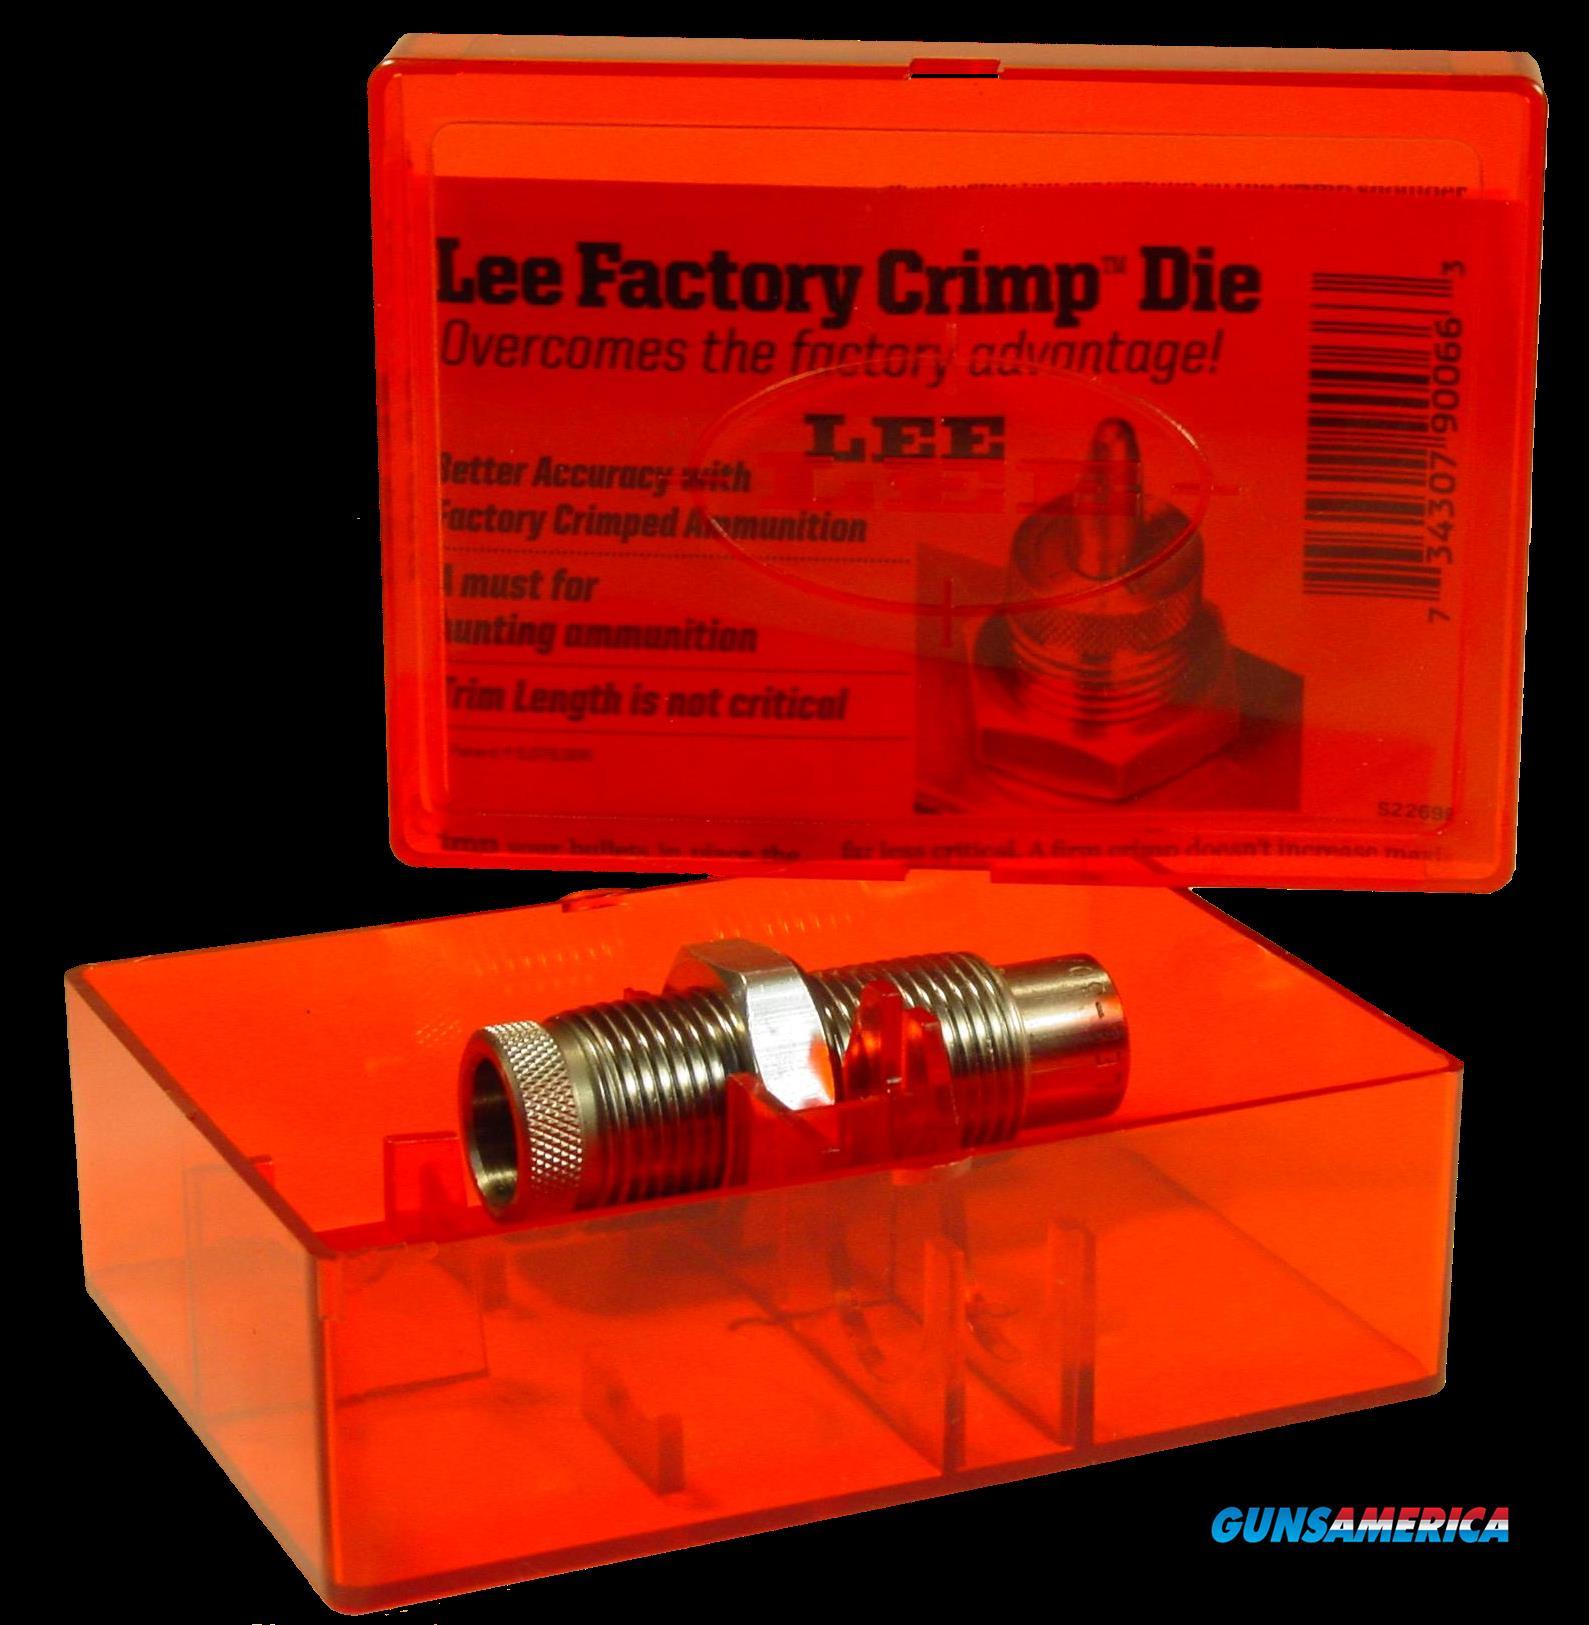 Lee Factory Crimp, Lee 90605 Fact Crimp Die 17 Hornet  Guns > Pistols > 1911 Pistol Copies (non-Colt)